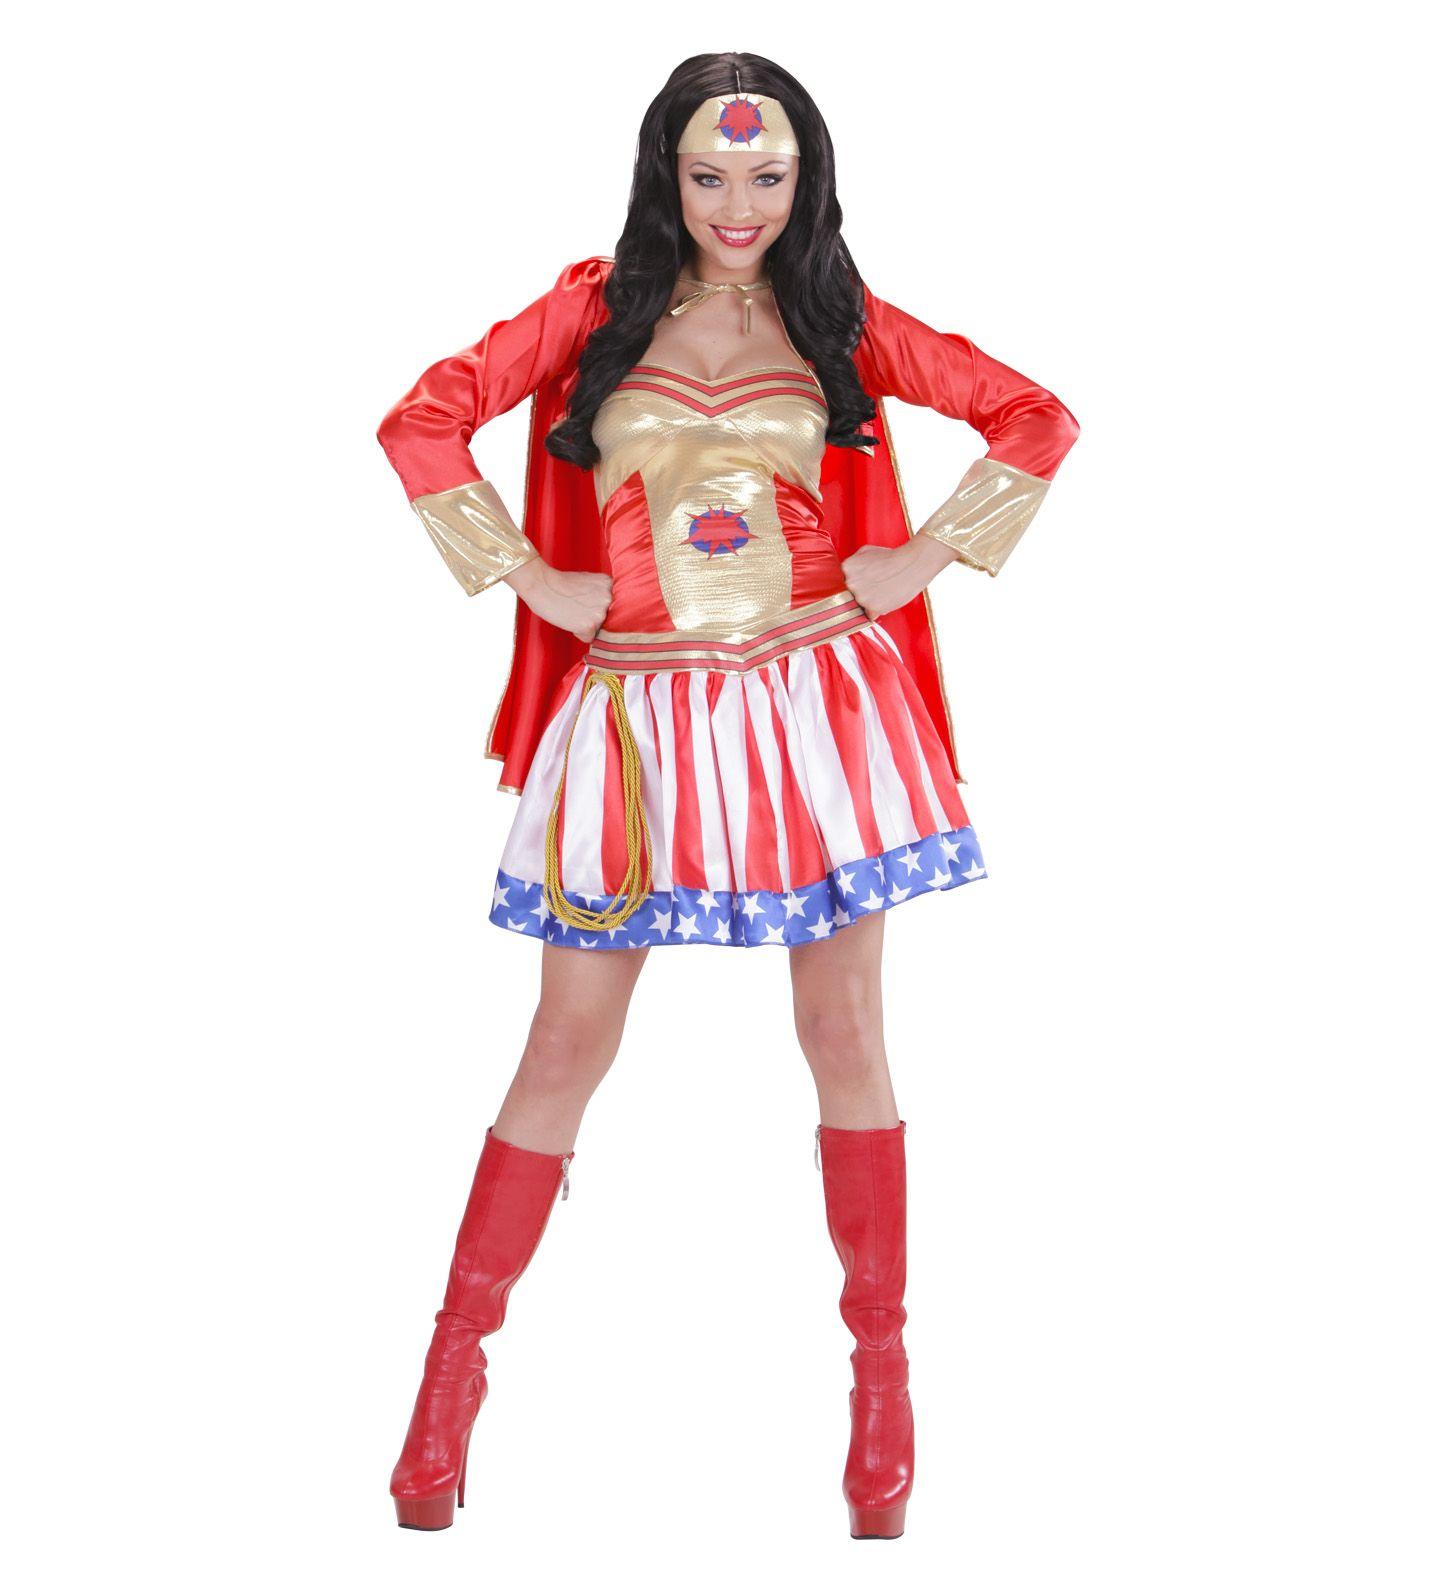 80 s virgin air hostess costume red 208103 7 £42 95 fancydress wonderw disfraz de super hero girl incluye vestido con capa y cubrecabeza